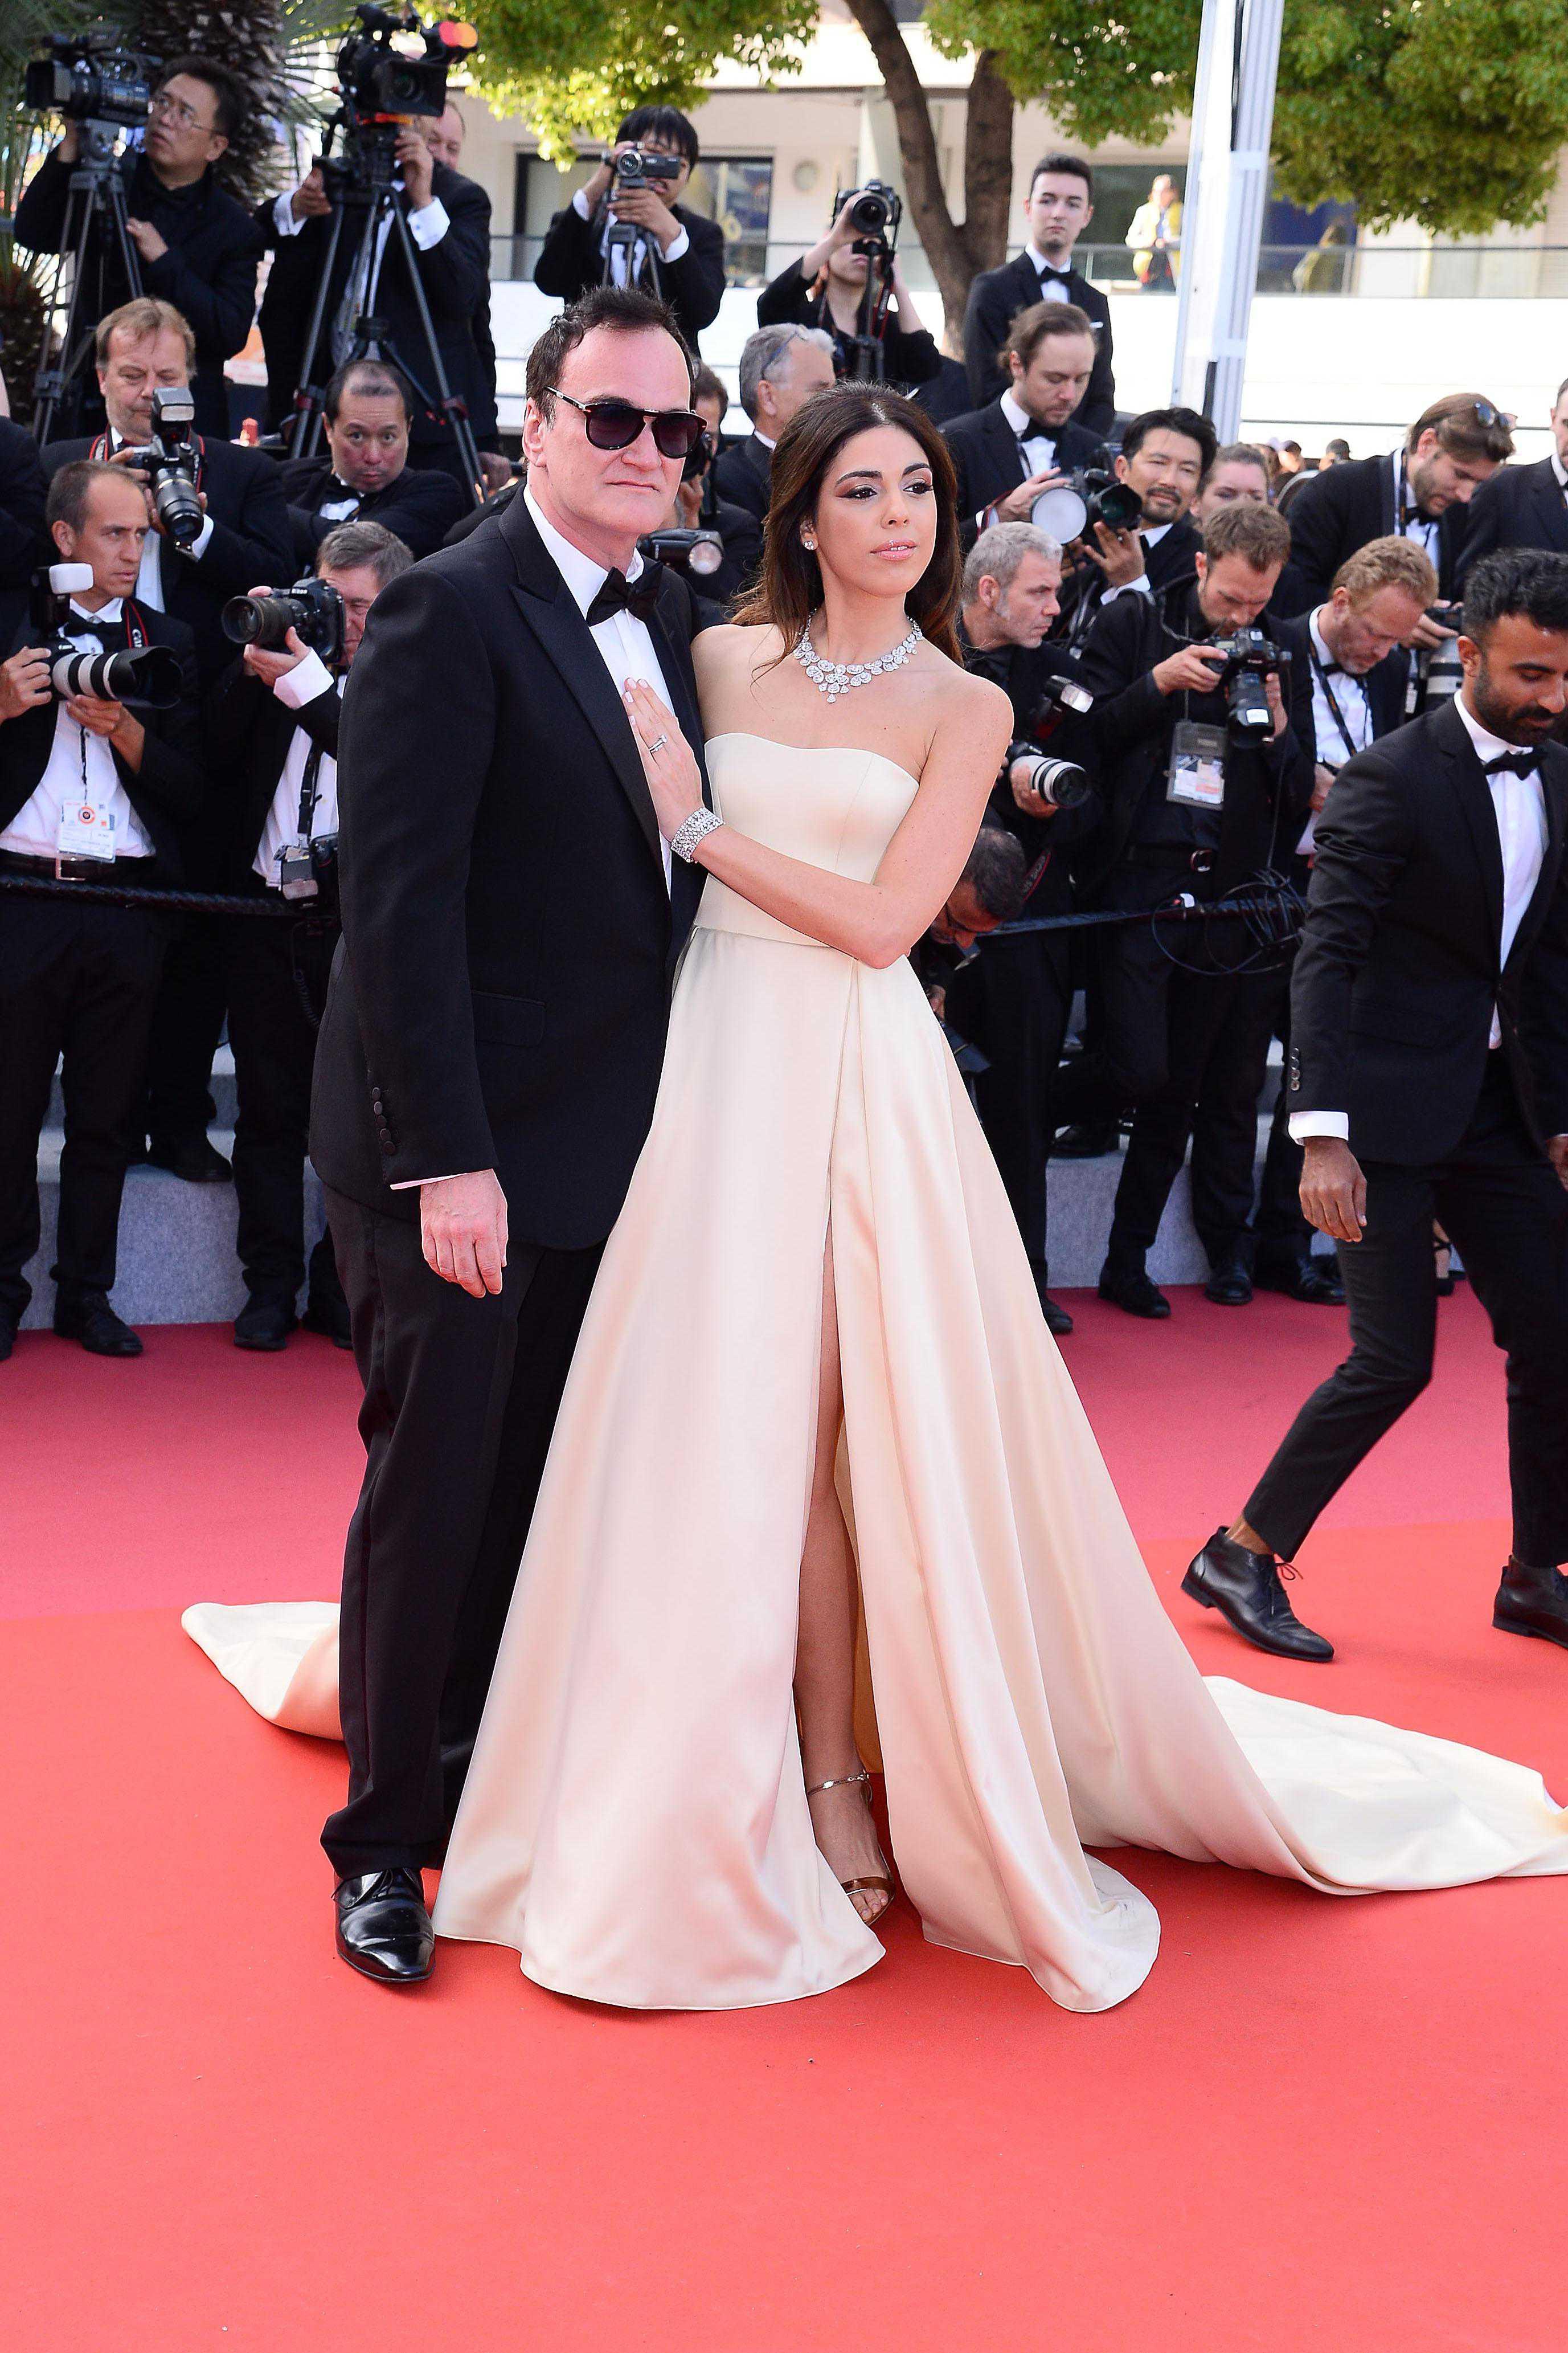 Quentin Tarantino z żoną, Danielą Pick - ceremonia zamknięcia, Cannes 2019